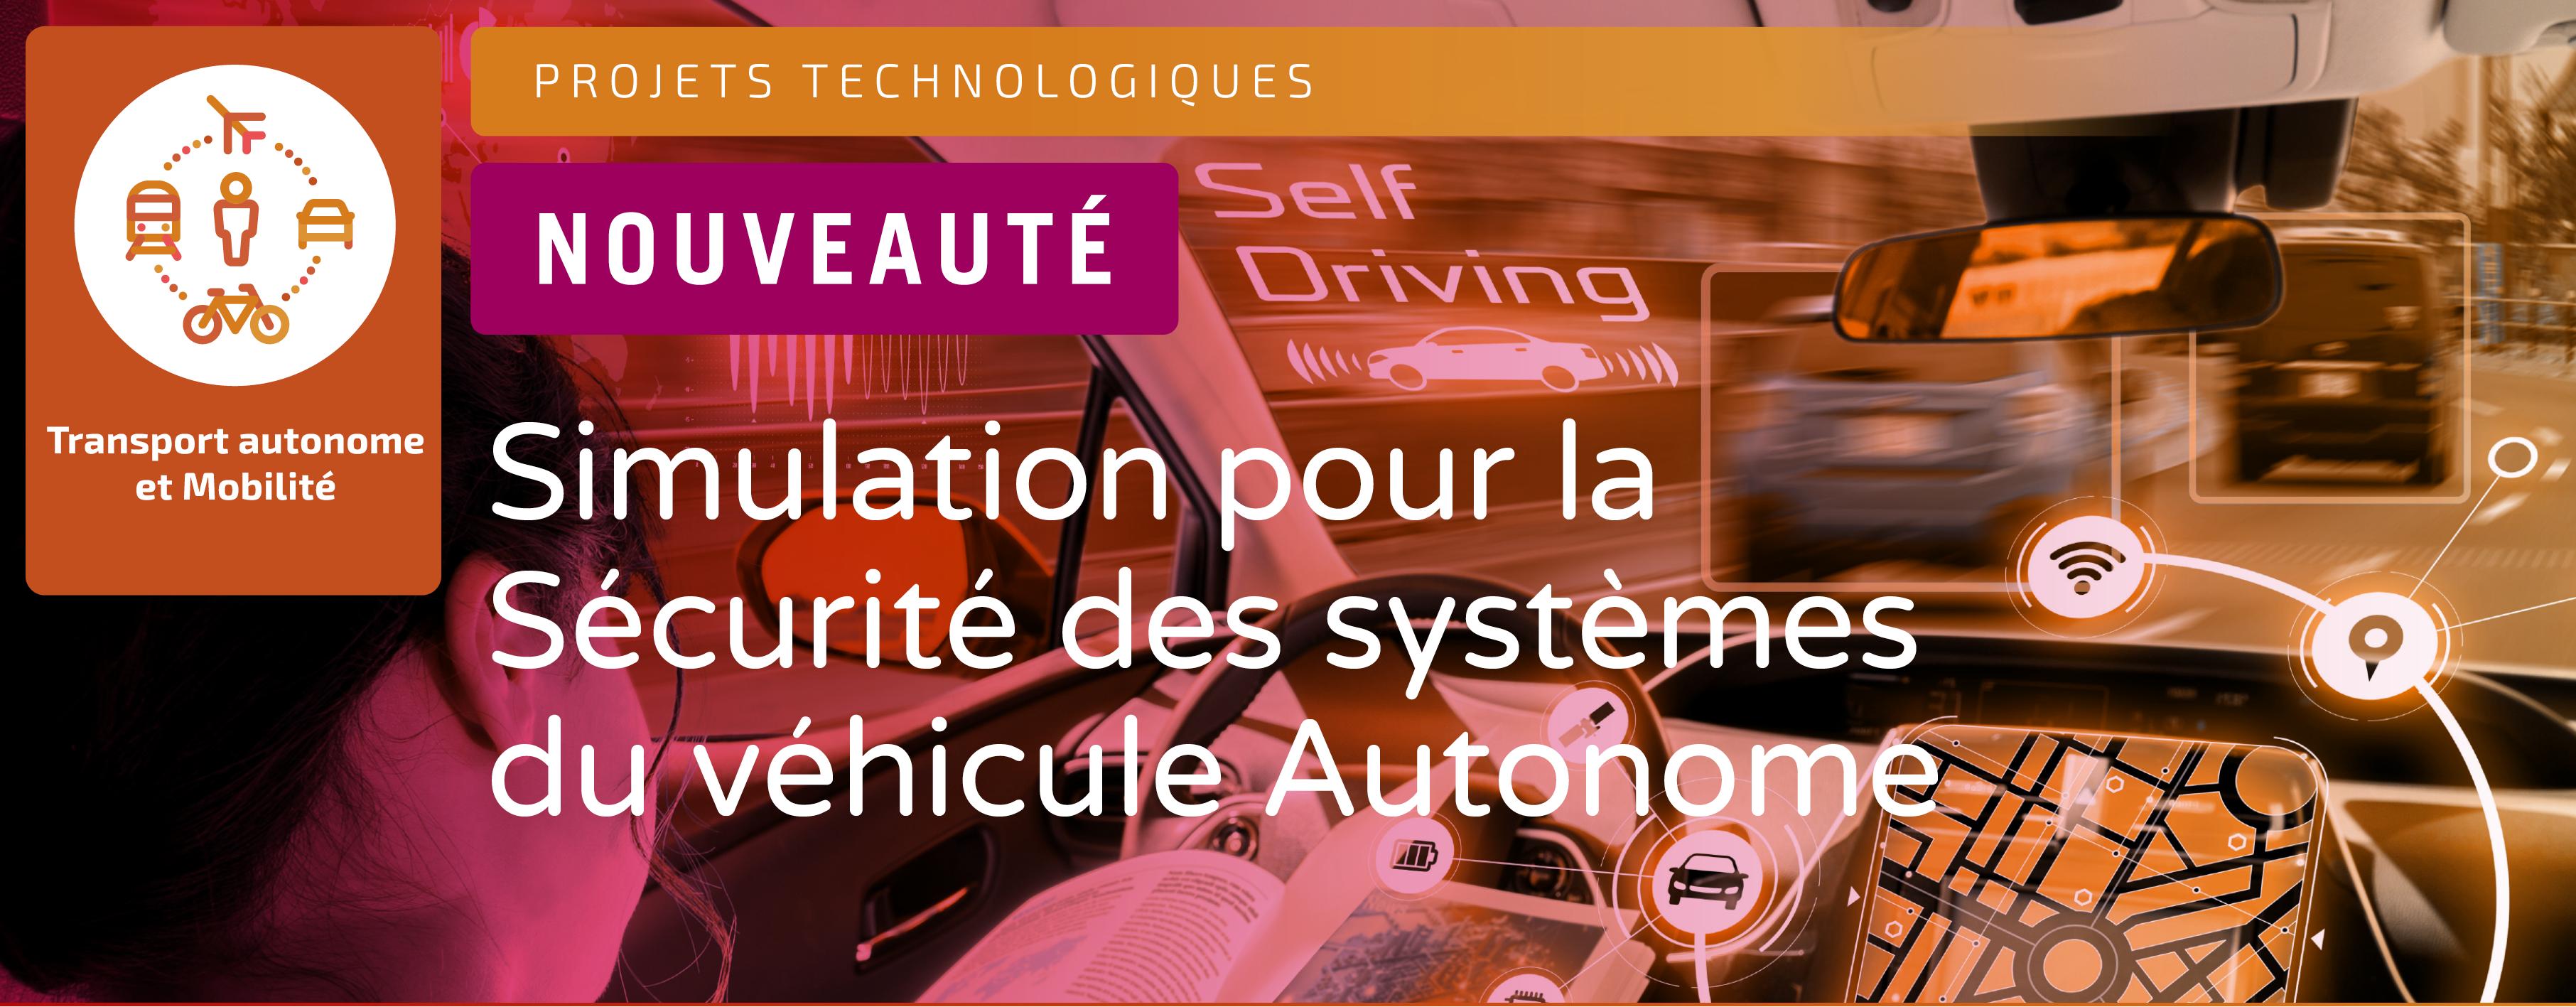 SystemX lance le projet 3SA, Simulation pour la Sécurité des systèmes du véhicule Autonome